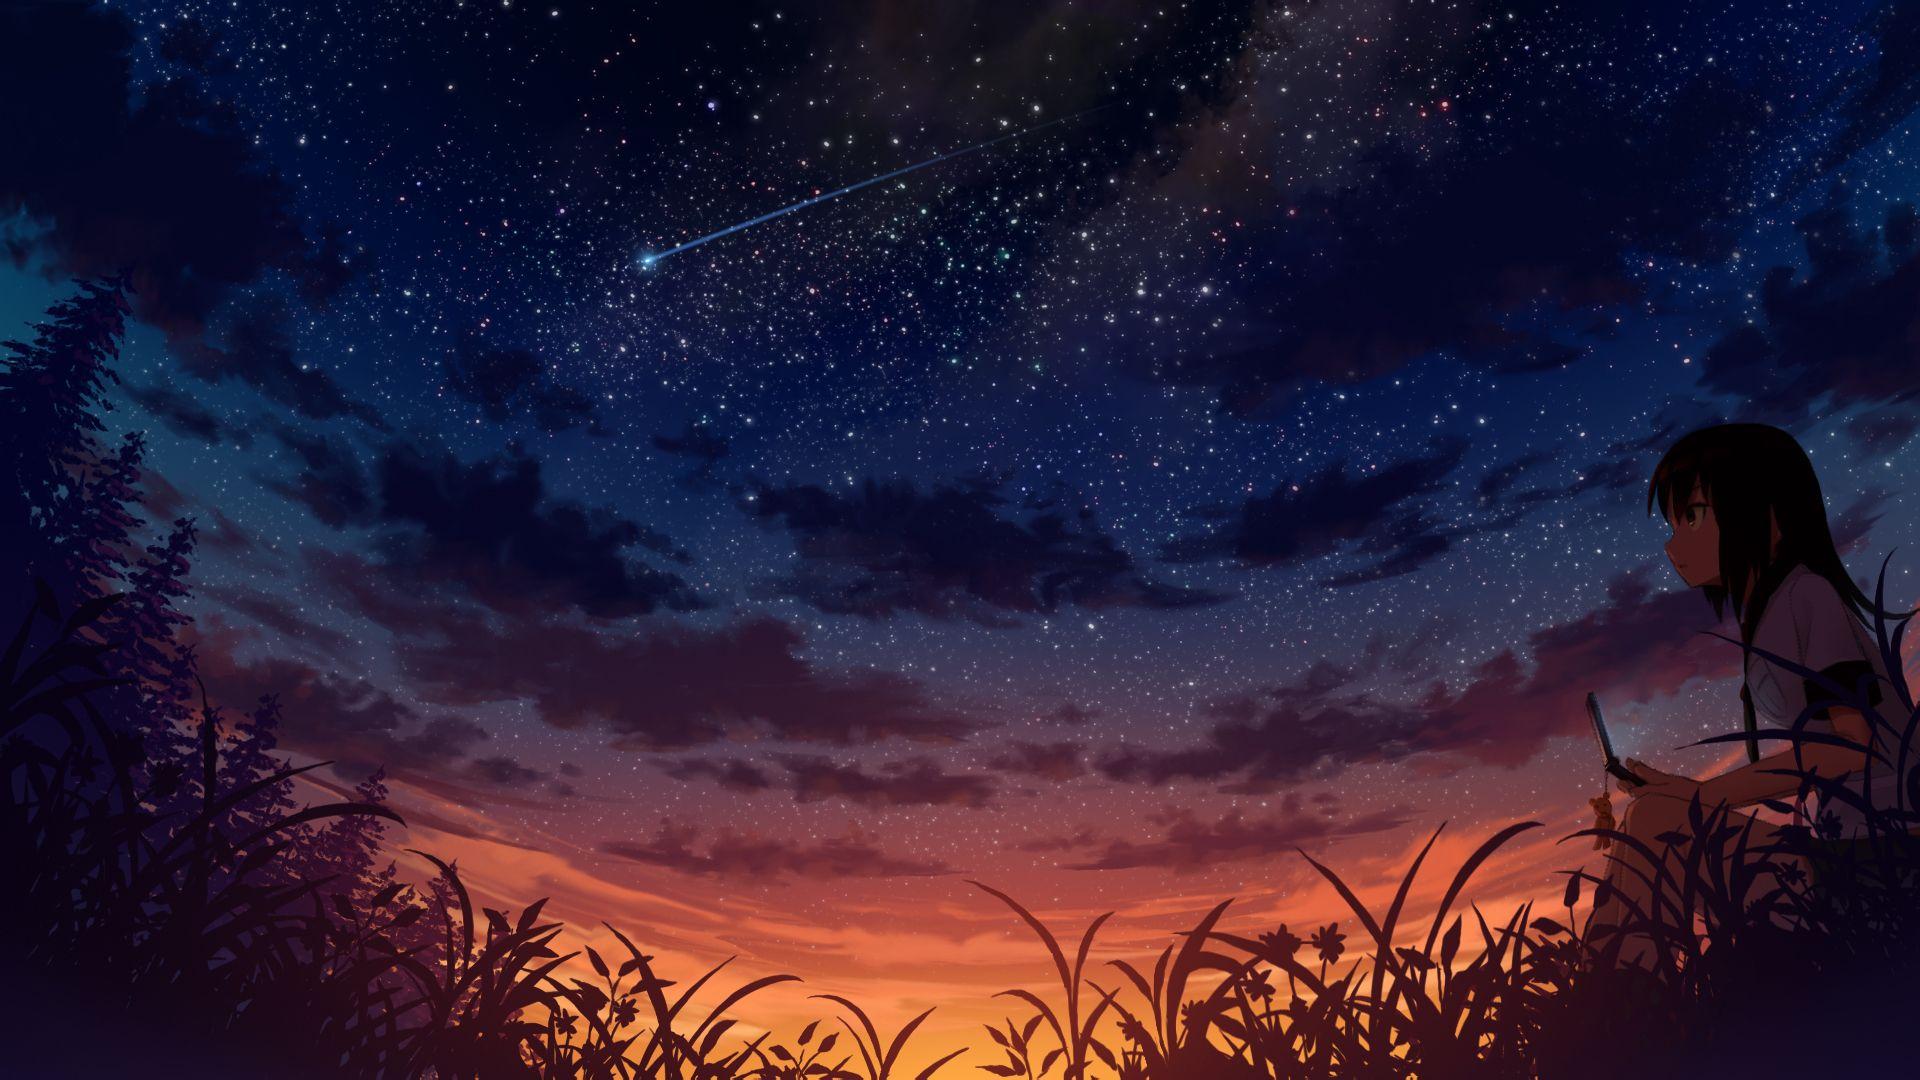 仰望星空的动漫图片_百度知道